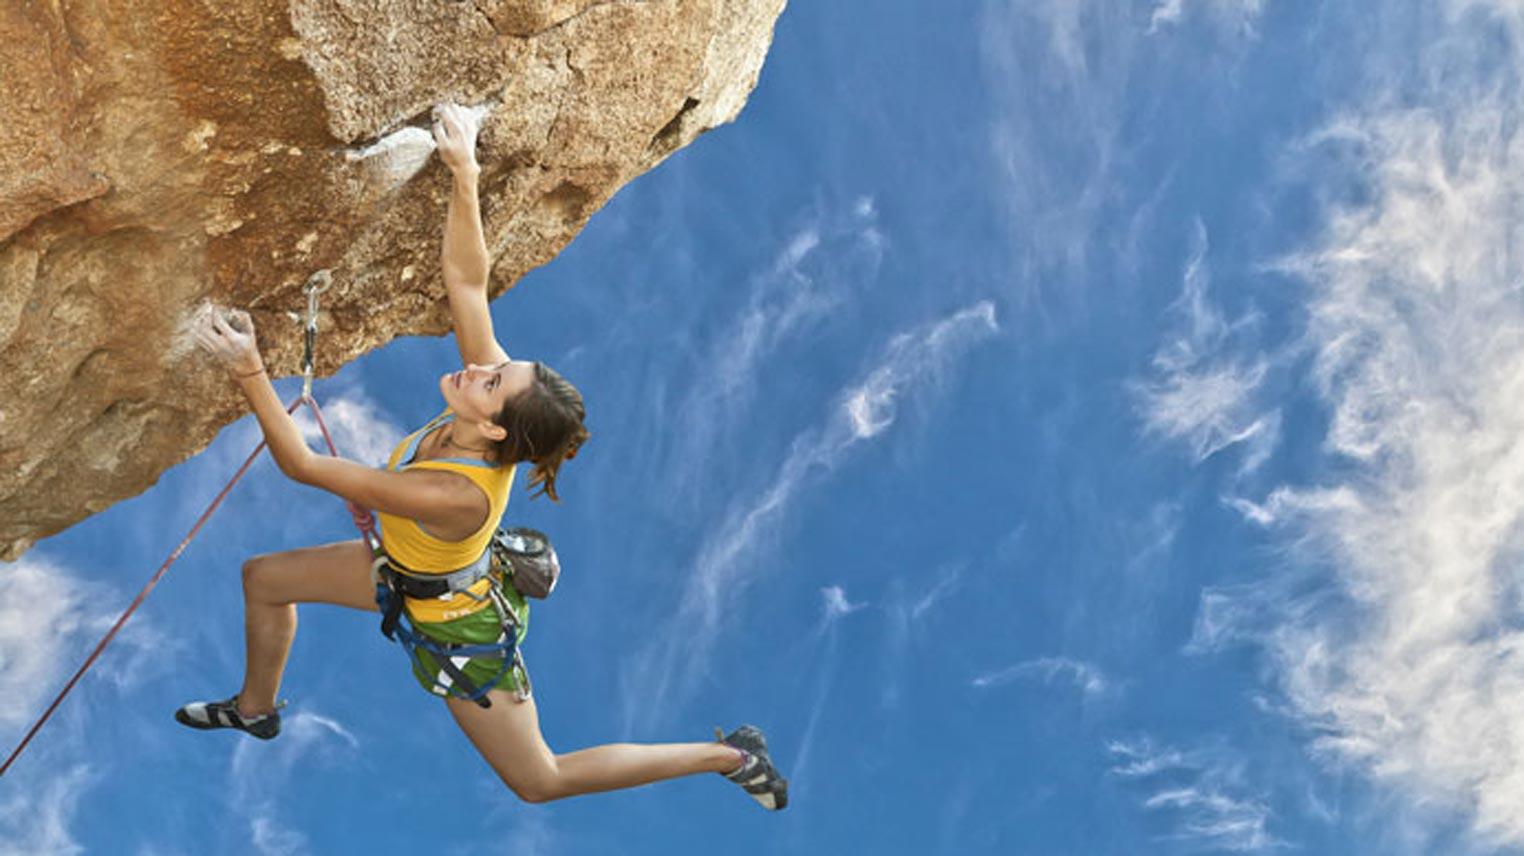 Parete Scalata Roma : Pareti per arrampicata roma: palestra di arrampicata roma nord ovest